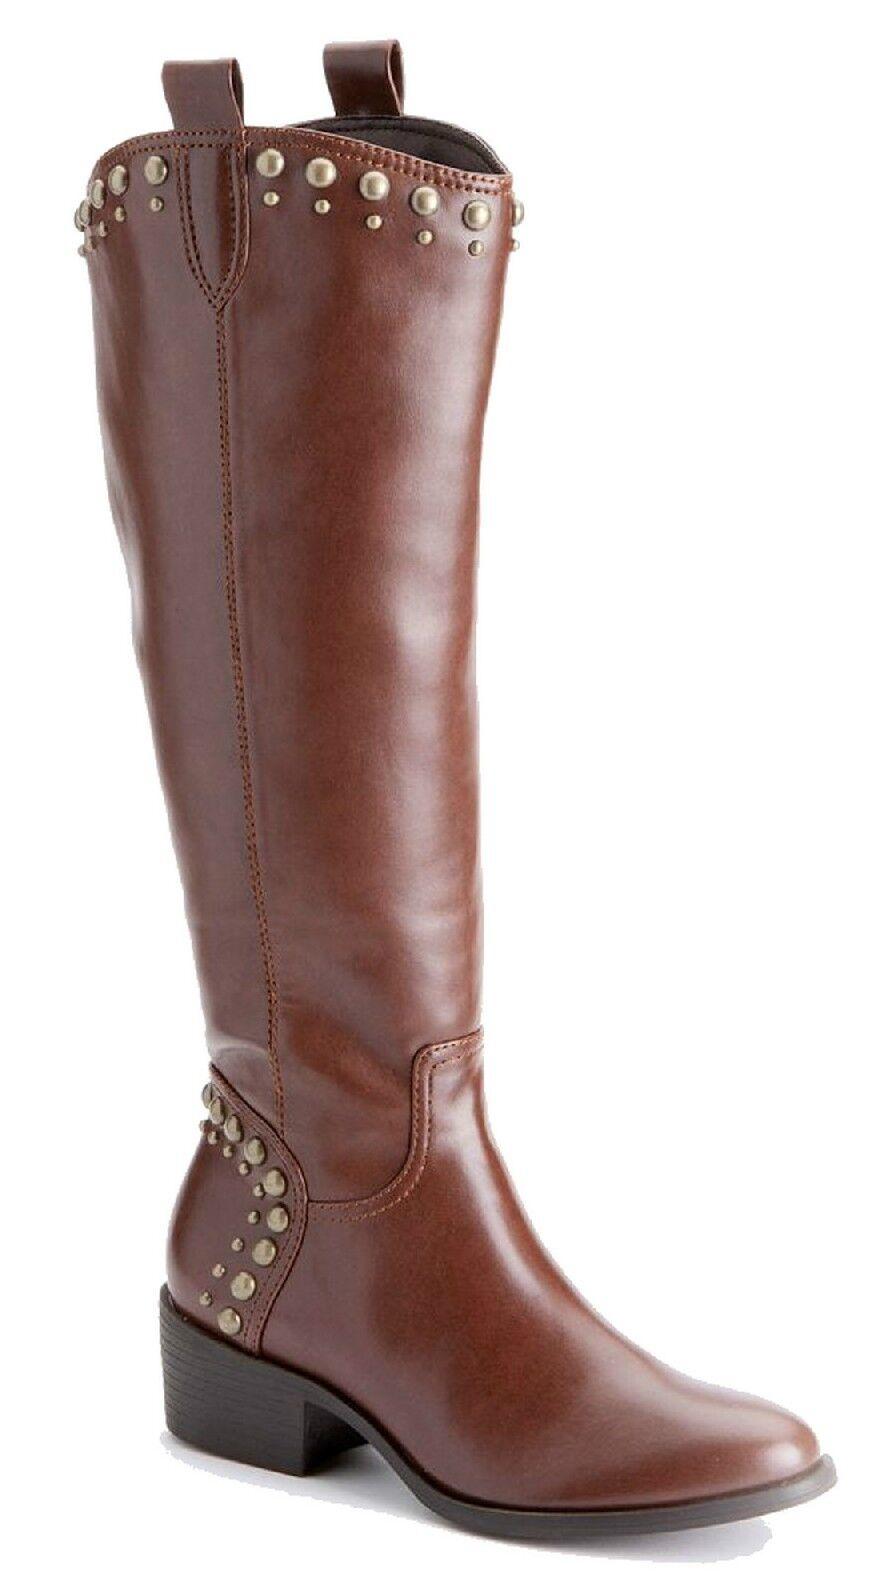 100% nuovo di zecca con qualità originale Elle donna Addison Cognac Marrone Studded Tall Knee Knee Knee High stivali 6 M 6M  negozio d'offerta